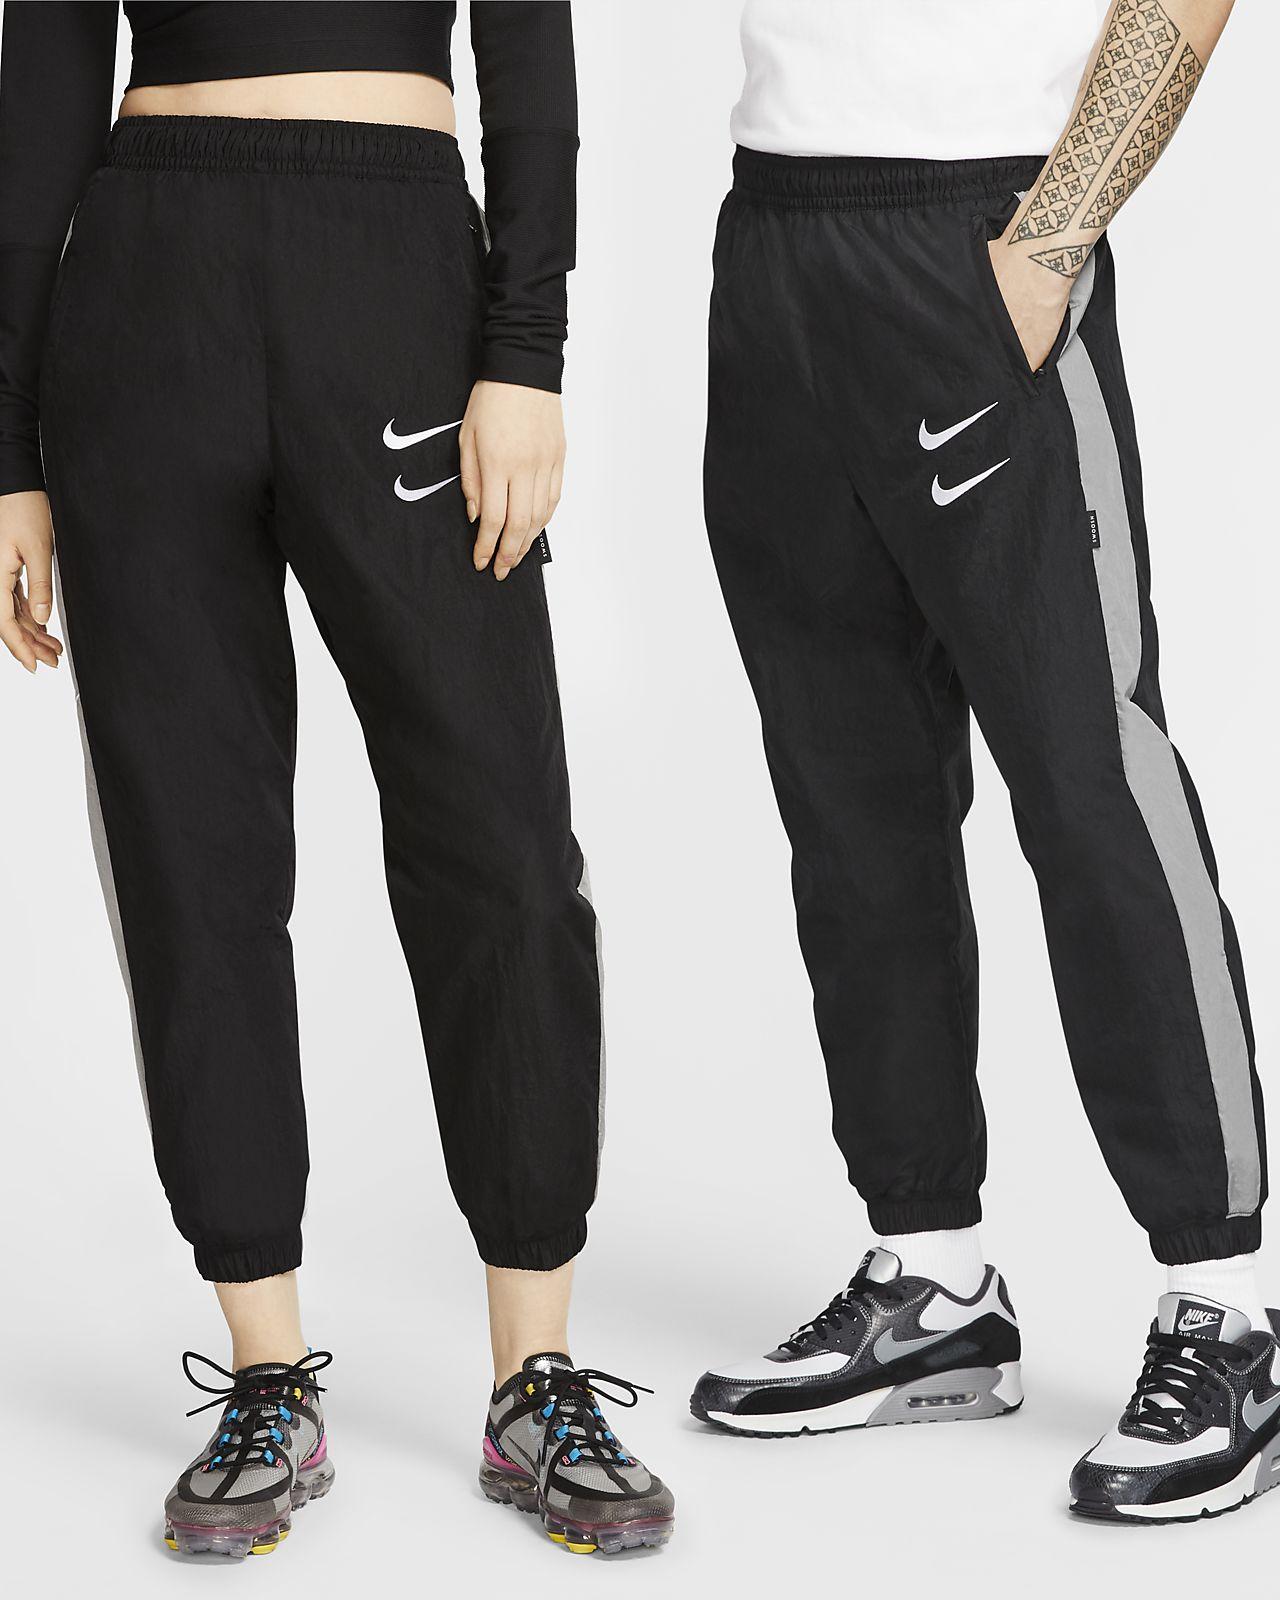 Υφαντό παντελόνι Nike Sportswear Swoosh